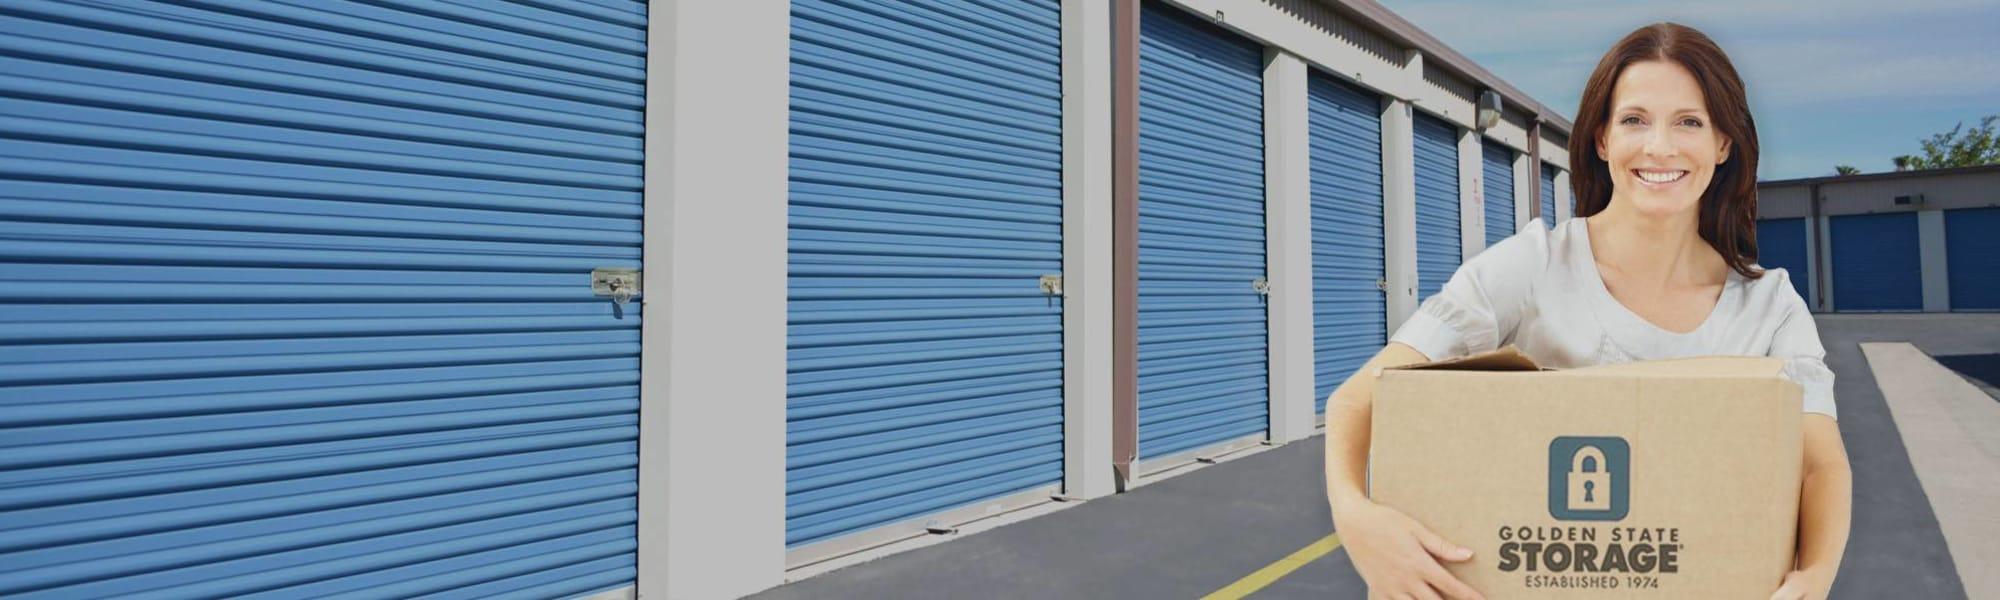 RV & Boat storage at Golden State Storage - Oxnard in Oxnard, California